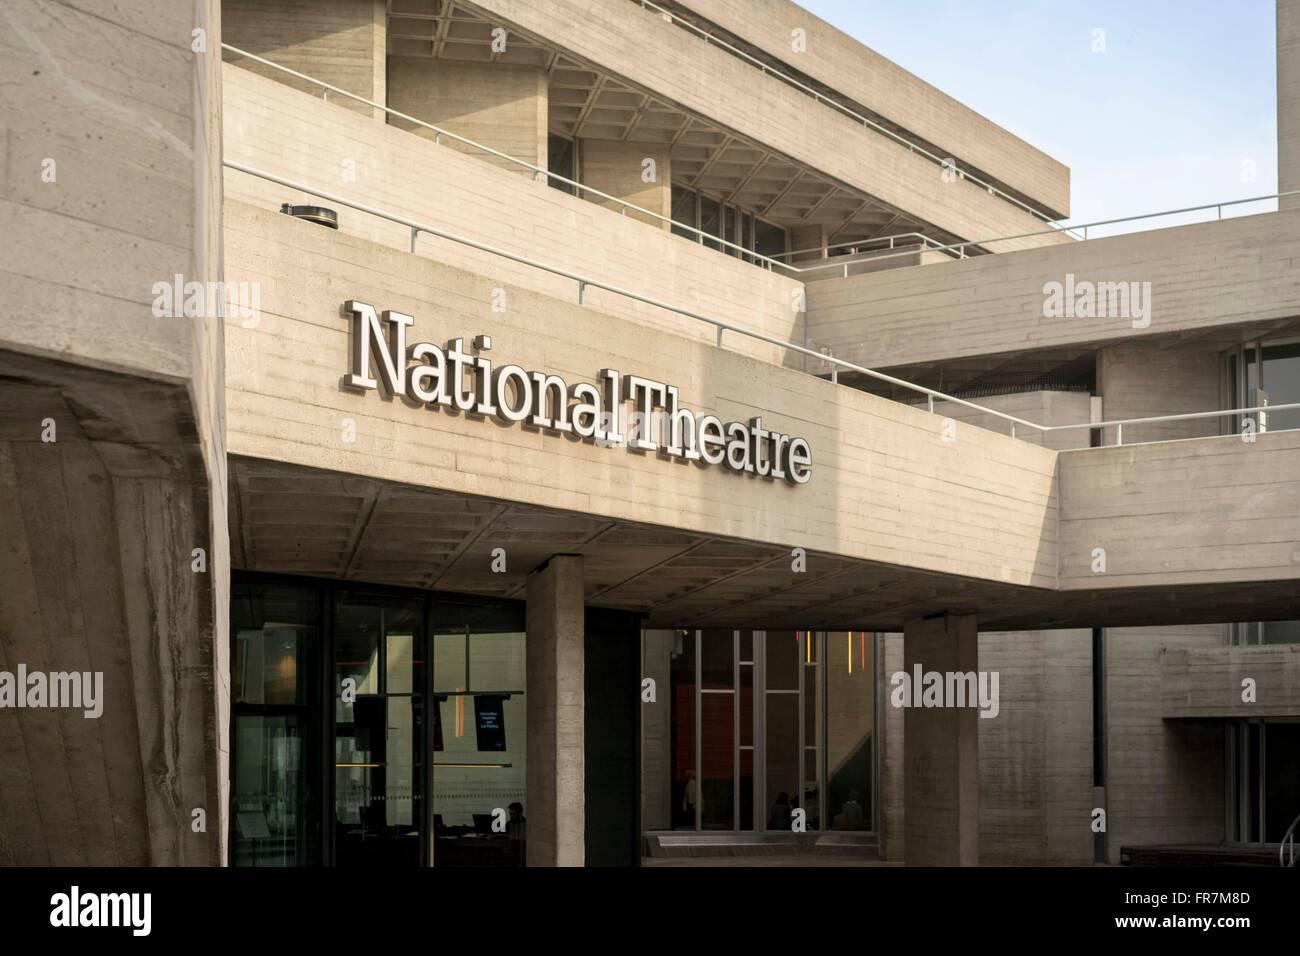 Außenseite der (königlichen) National Theatre, South Bank, London Stockfoto